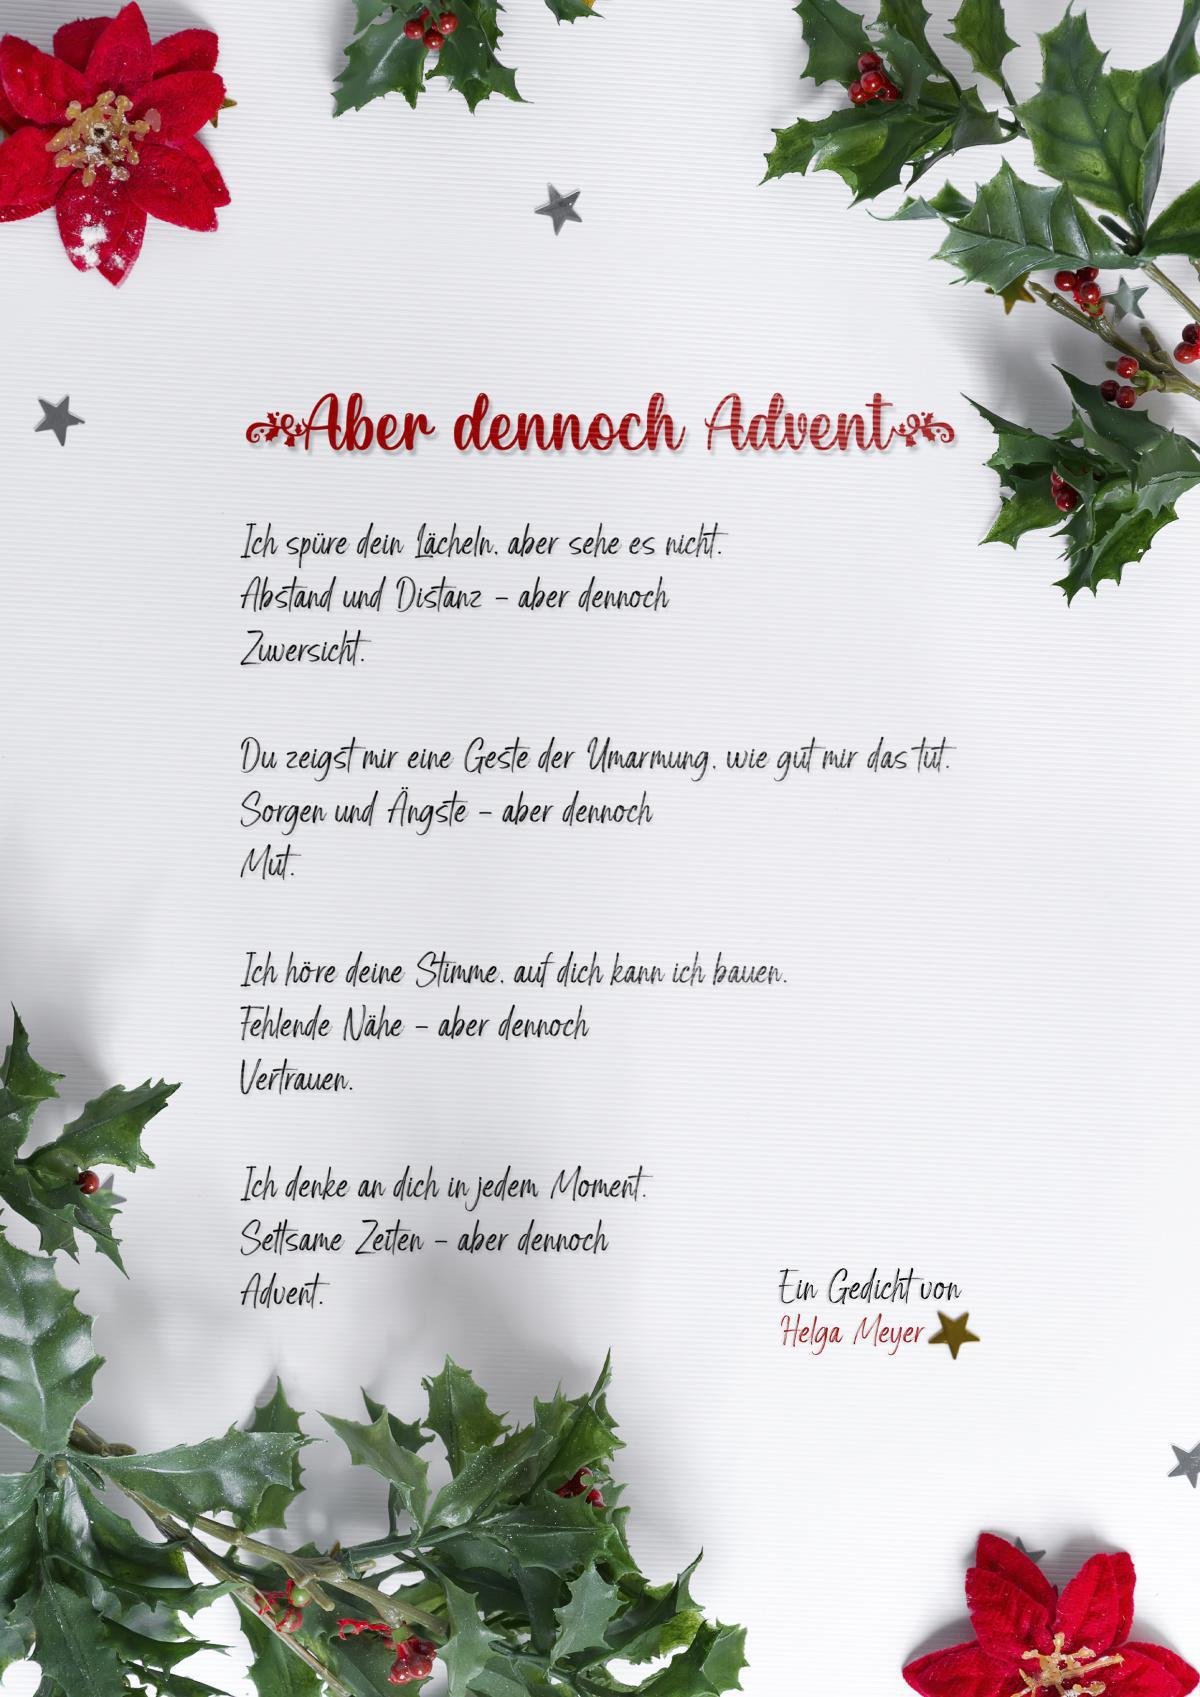 meinLATHENgedicht zu Weihnachten - Türchen 11